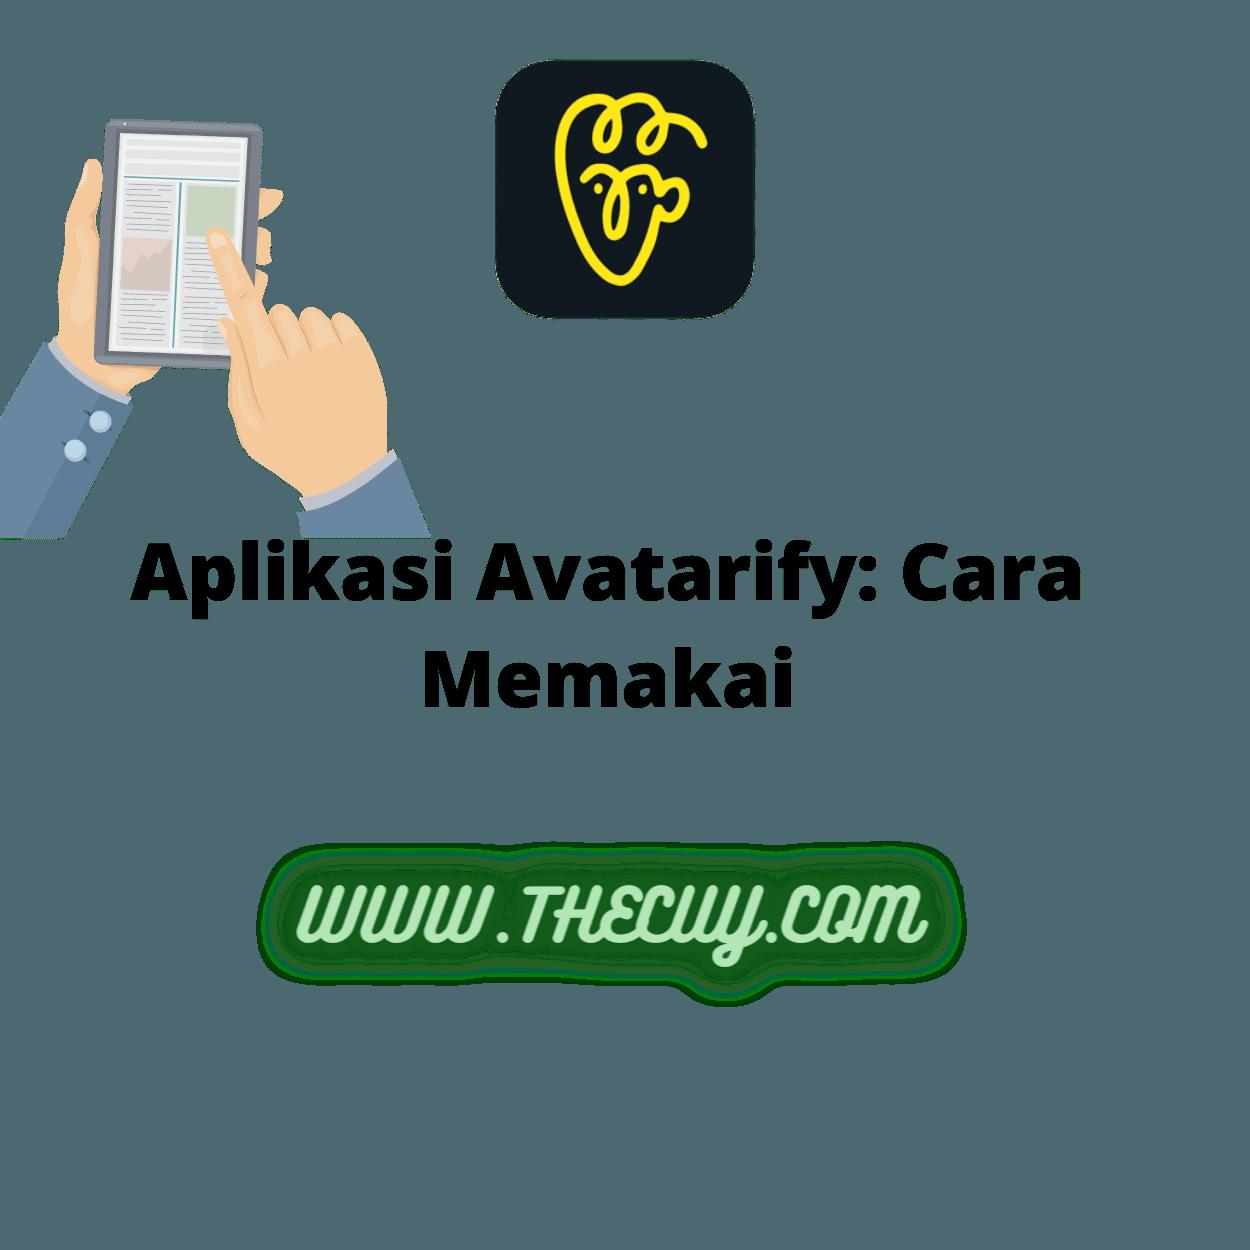 Aplikasi Avatarify: Cara Memakai